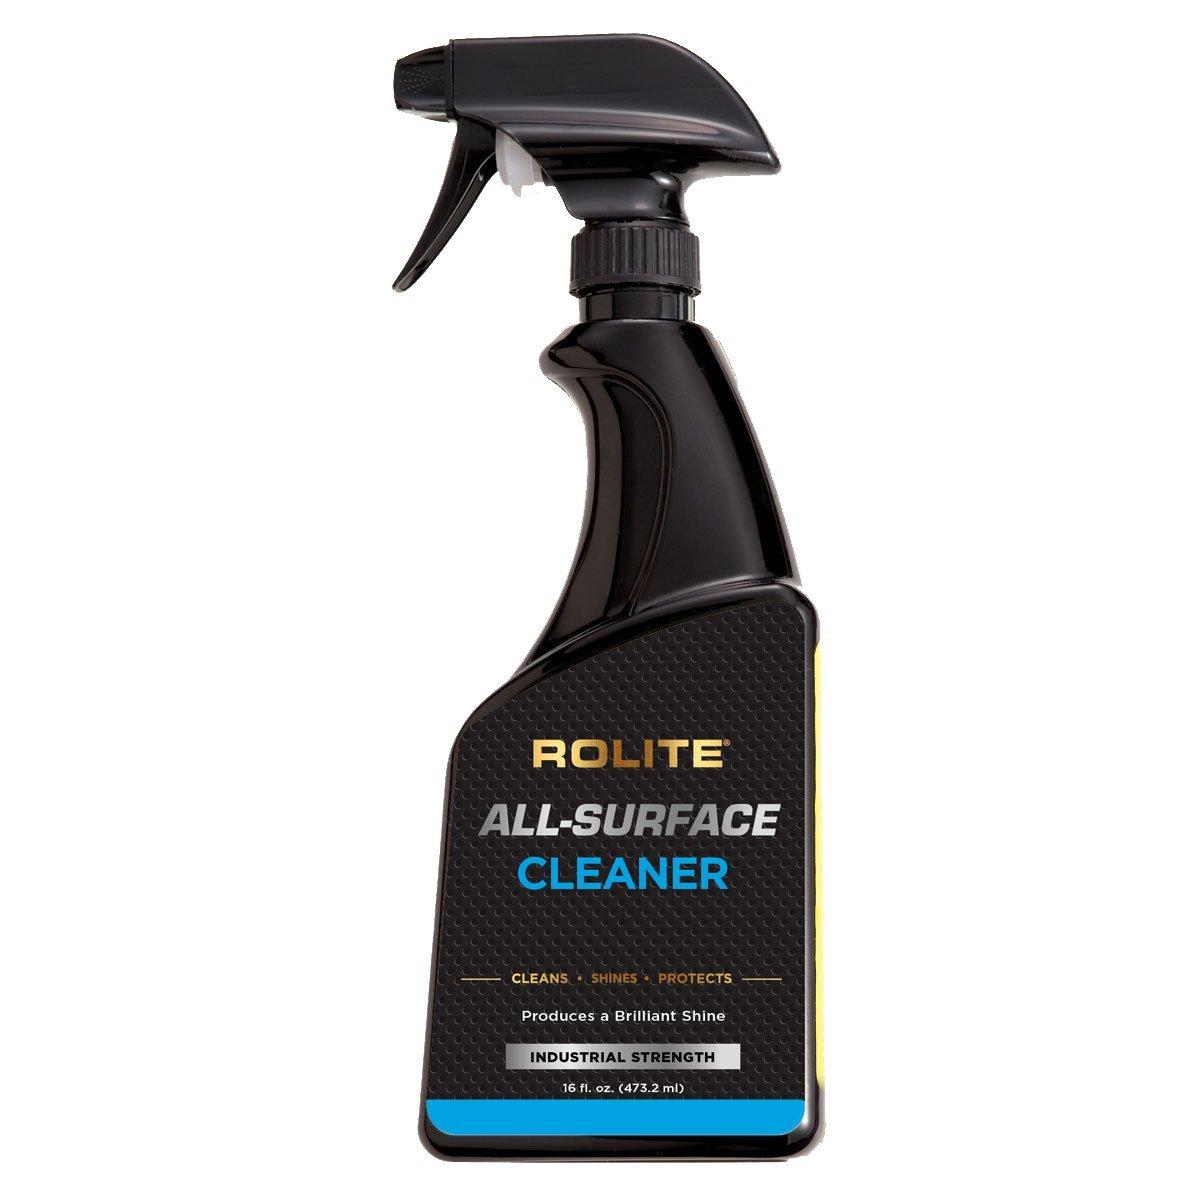 rolite all-surface Cleaner 16 fl. oz. B075T2GFHF  16 fl. oz.